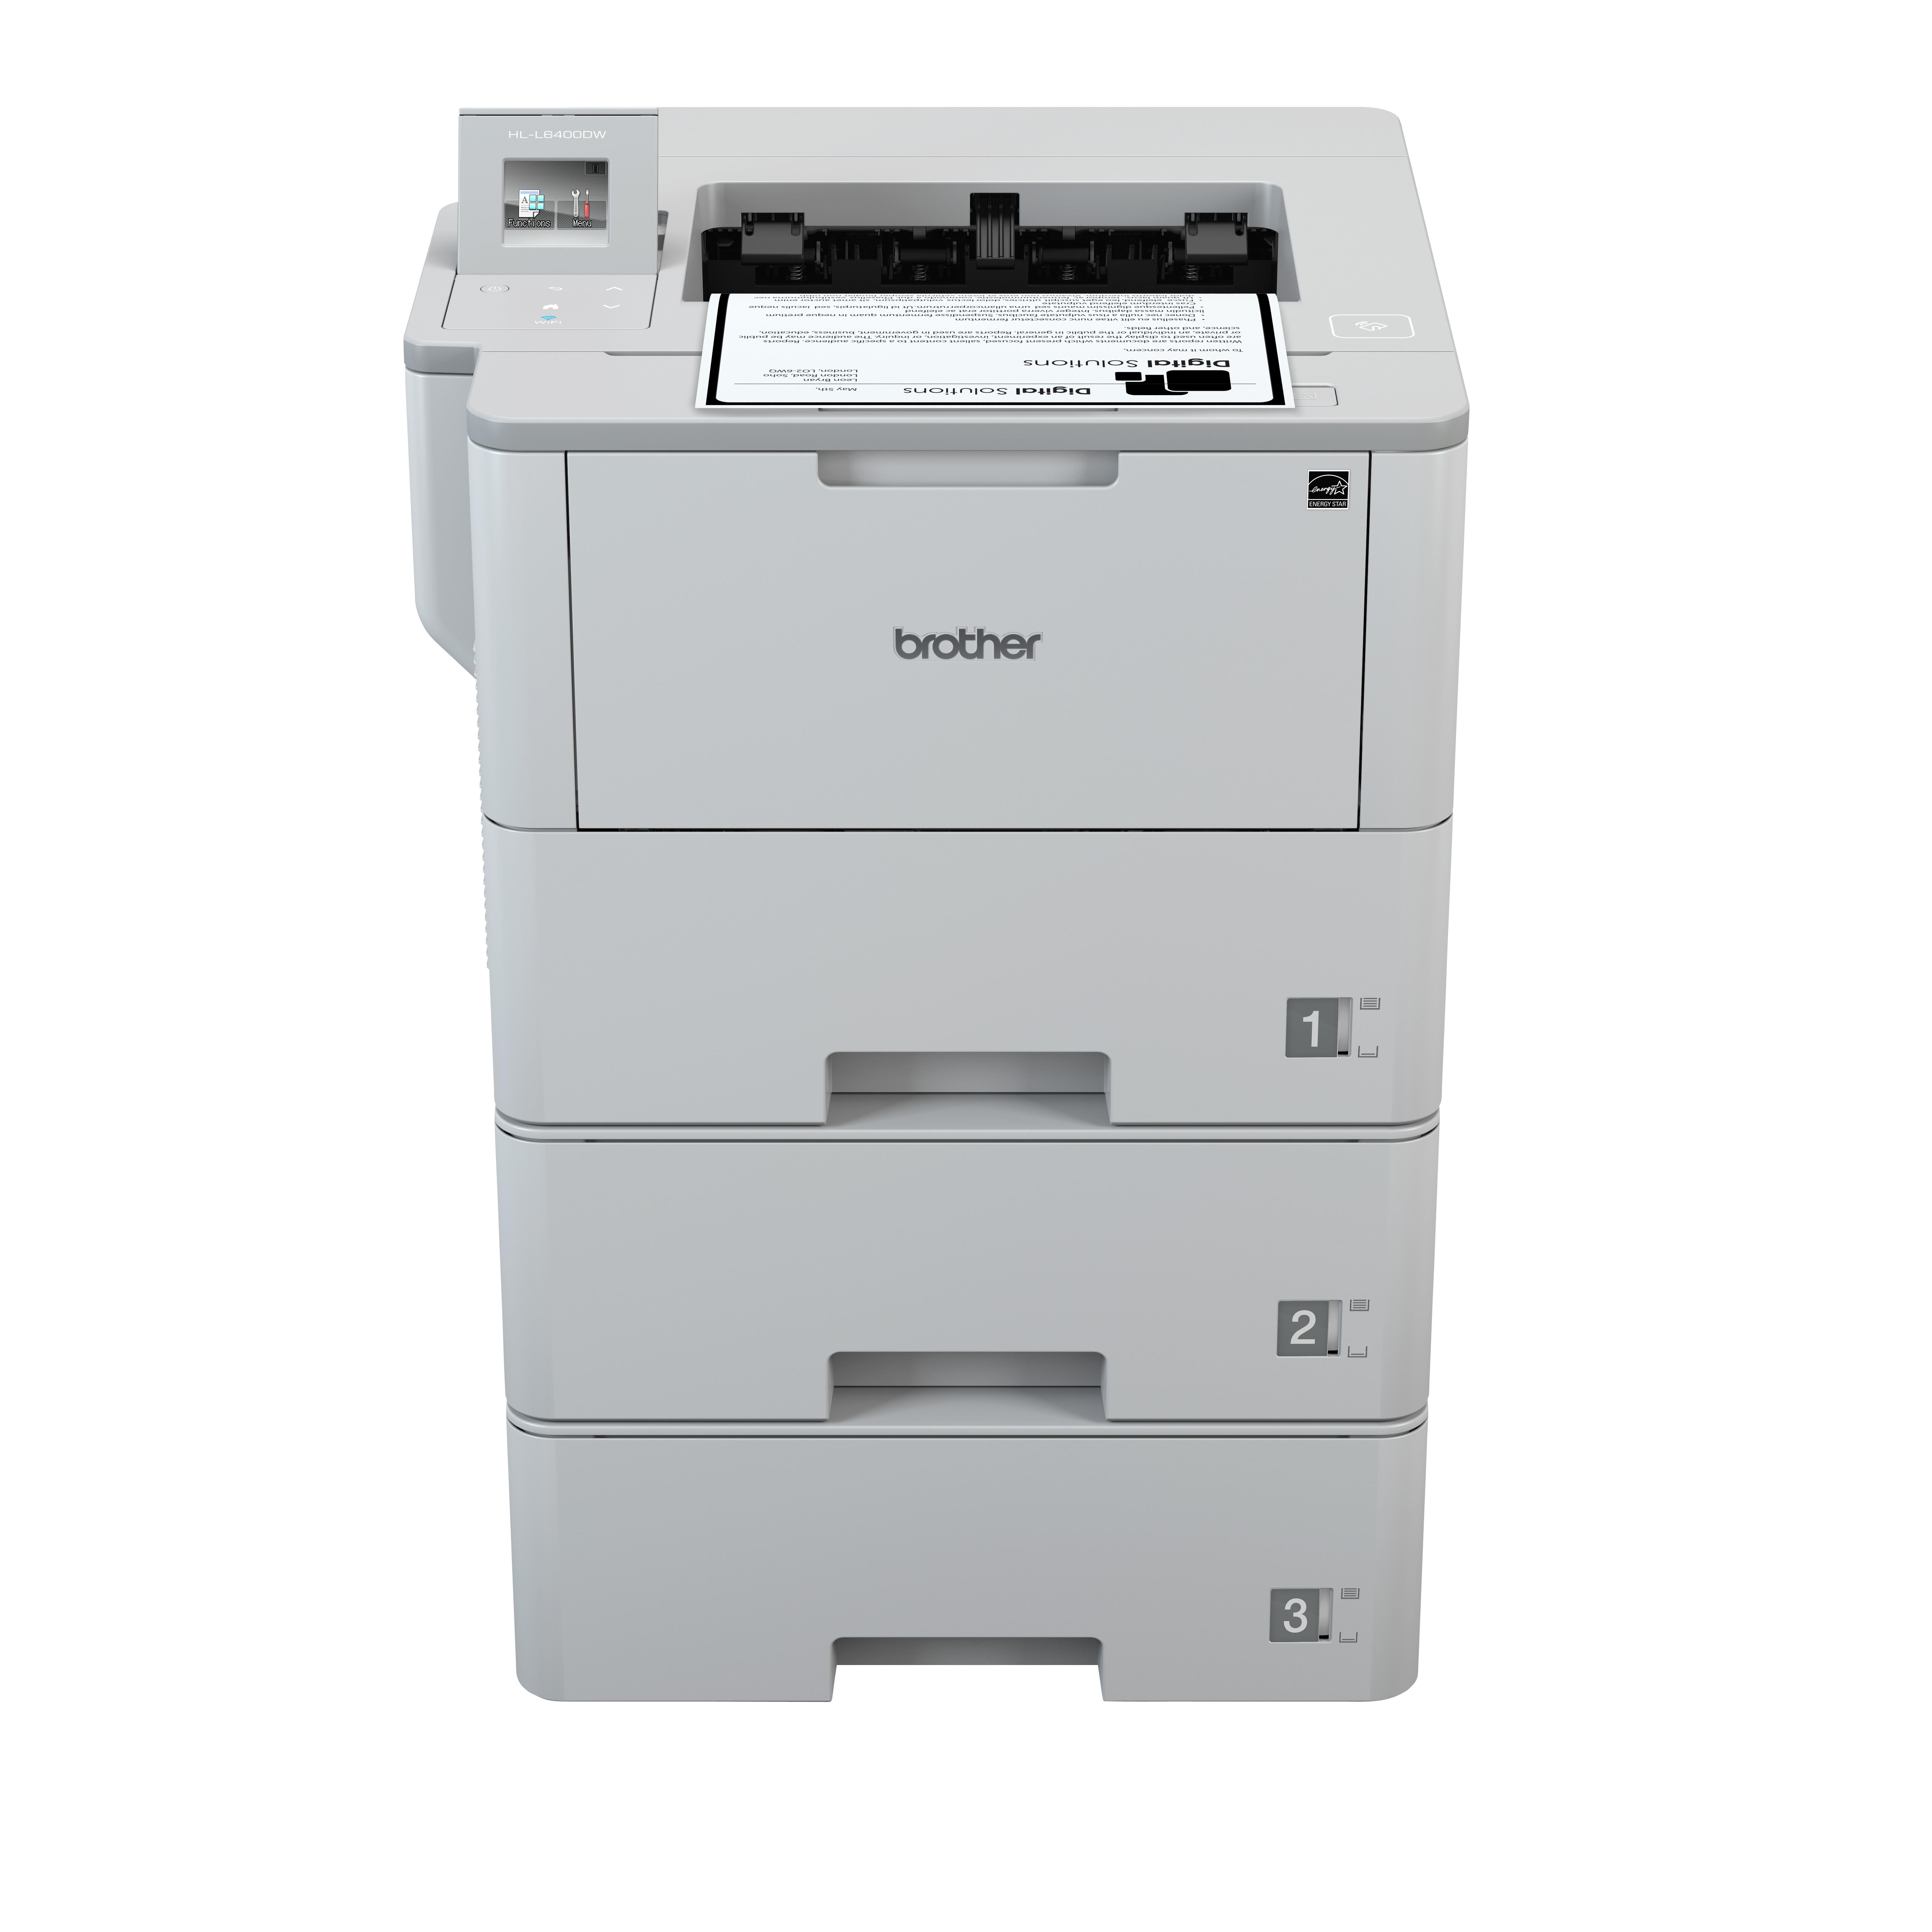 Op Perfect Plasma is alles over computer te vinden: waaronder expert en specifiek Brother HL-L6400DWT laser printer (Brother-HL-L6400DWT-laser-printer372503749)